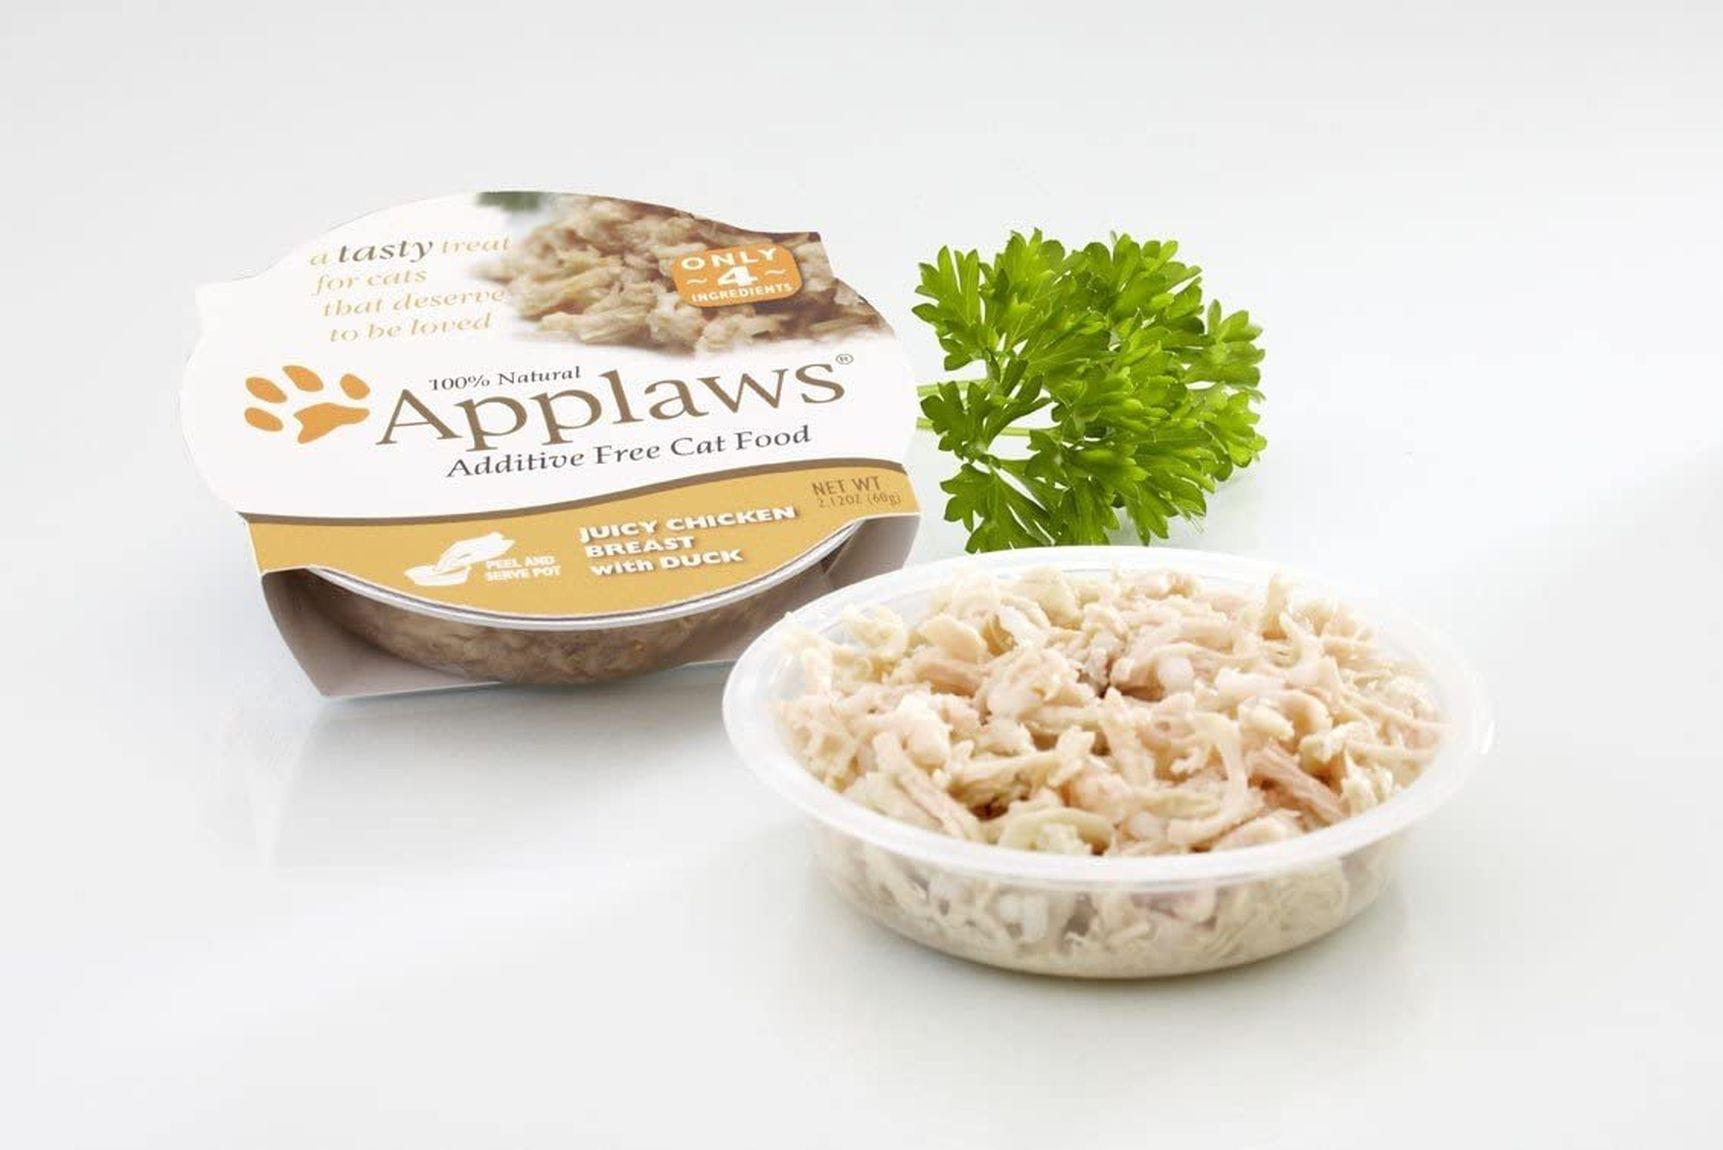 Análisis de la comida para gatos de Applaws 1